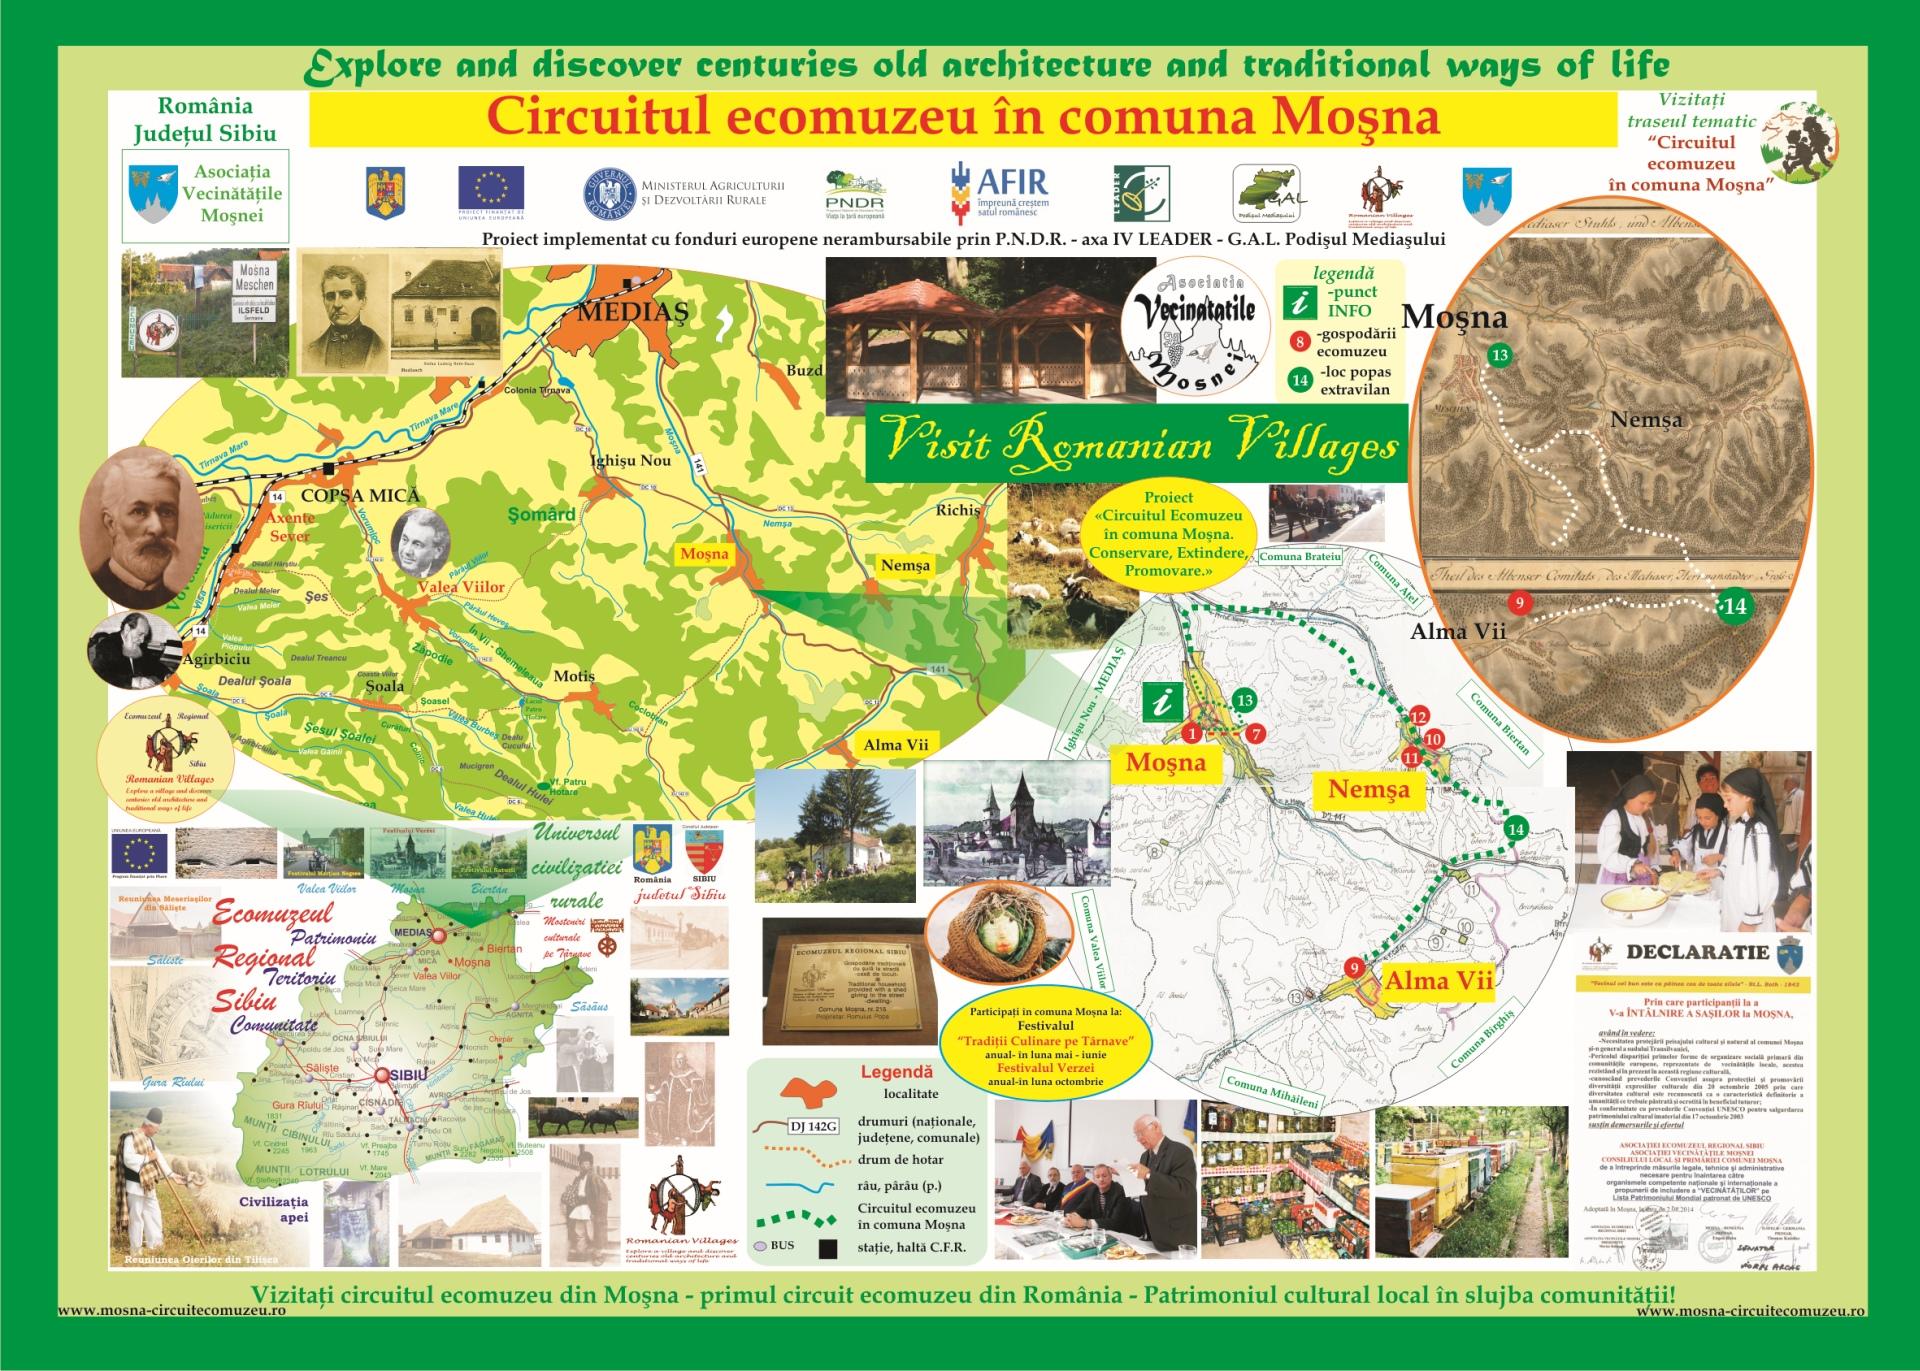 Harta zona Mosna Nemsa Alma 2